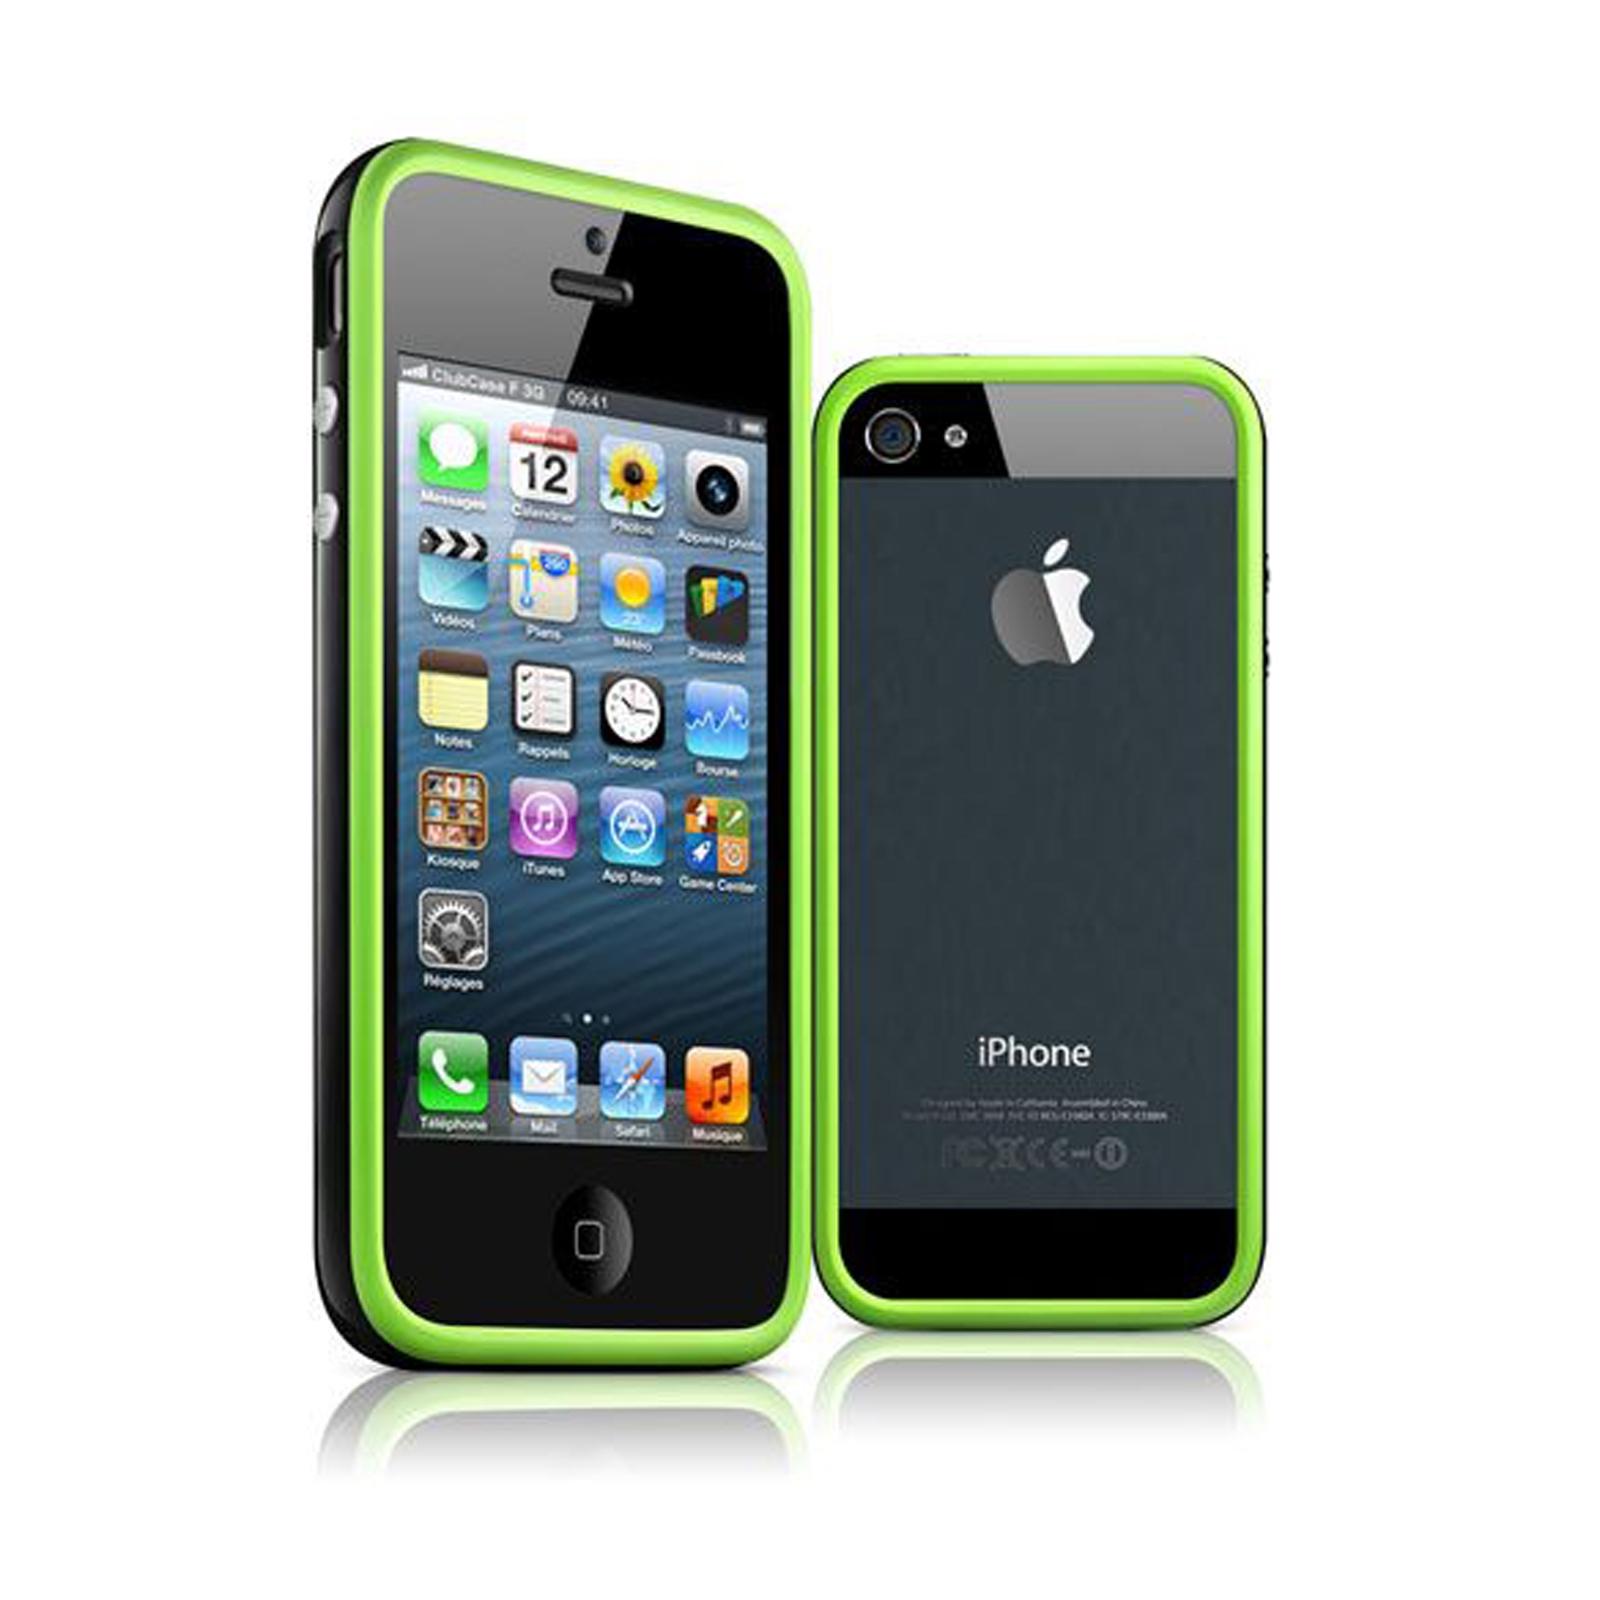 Coque housse bumper pour iphone 5 5s se hq vert noir - Housse iphone 5s ...